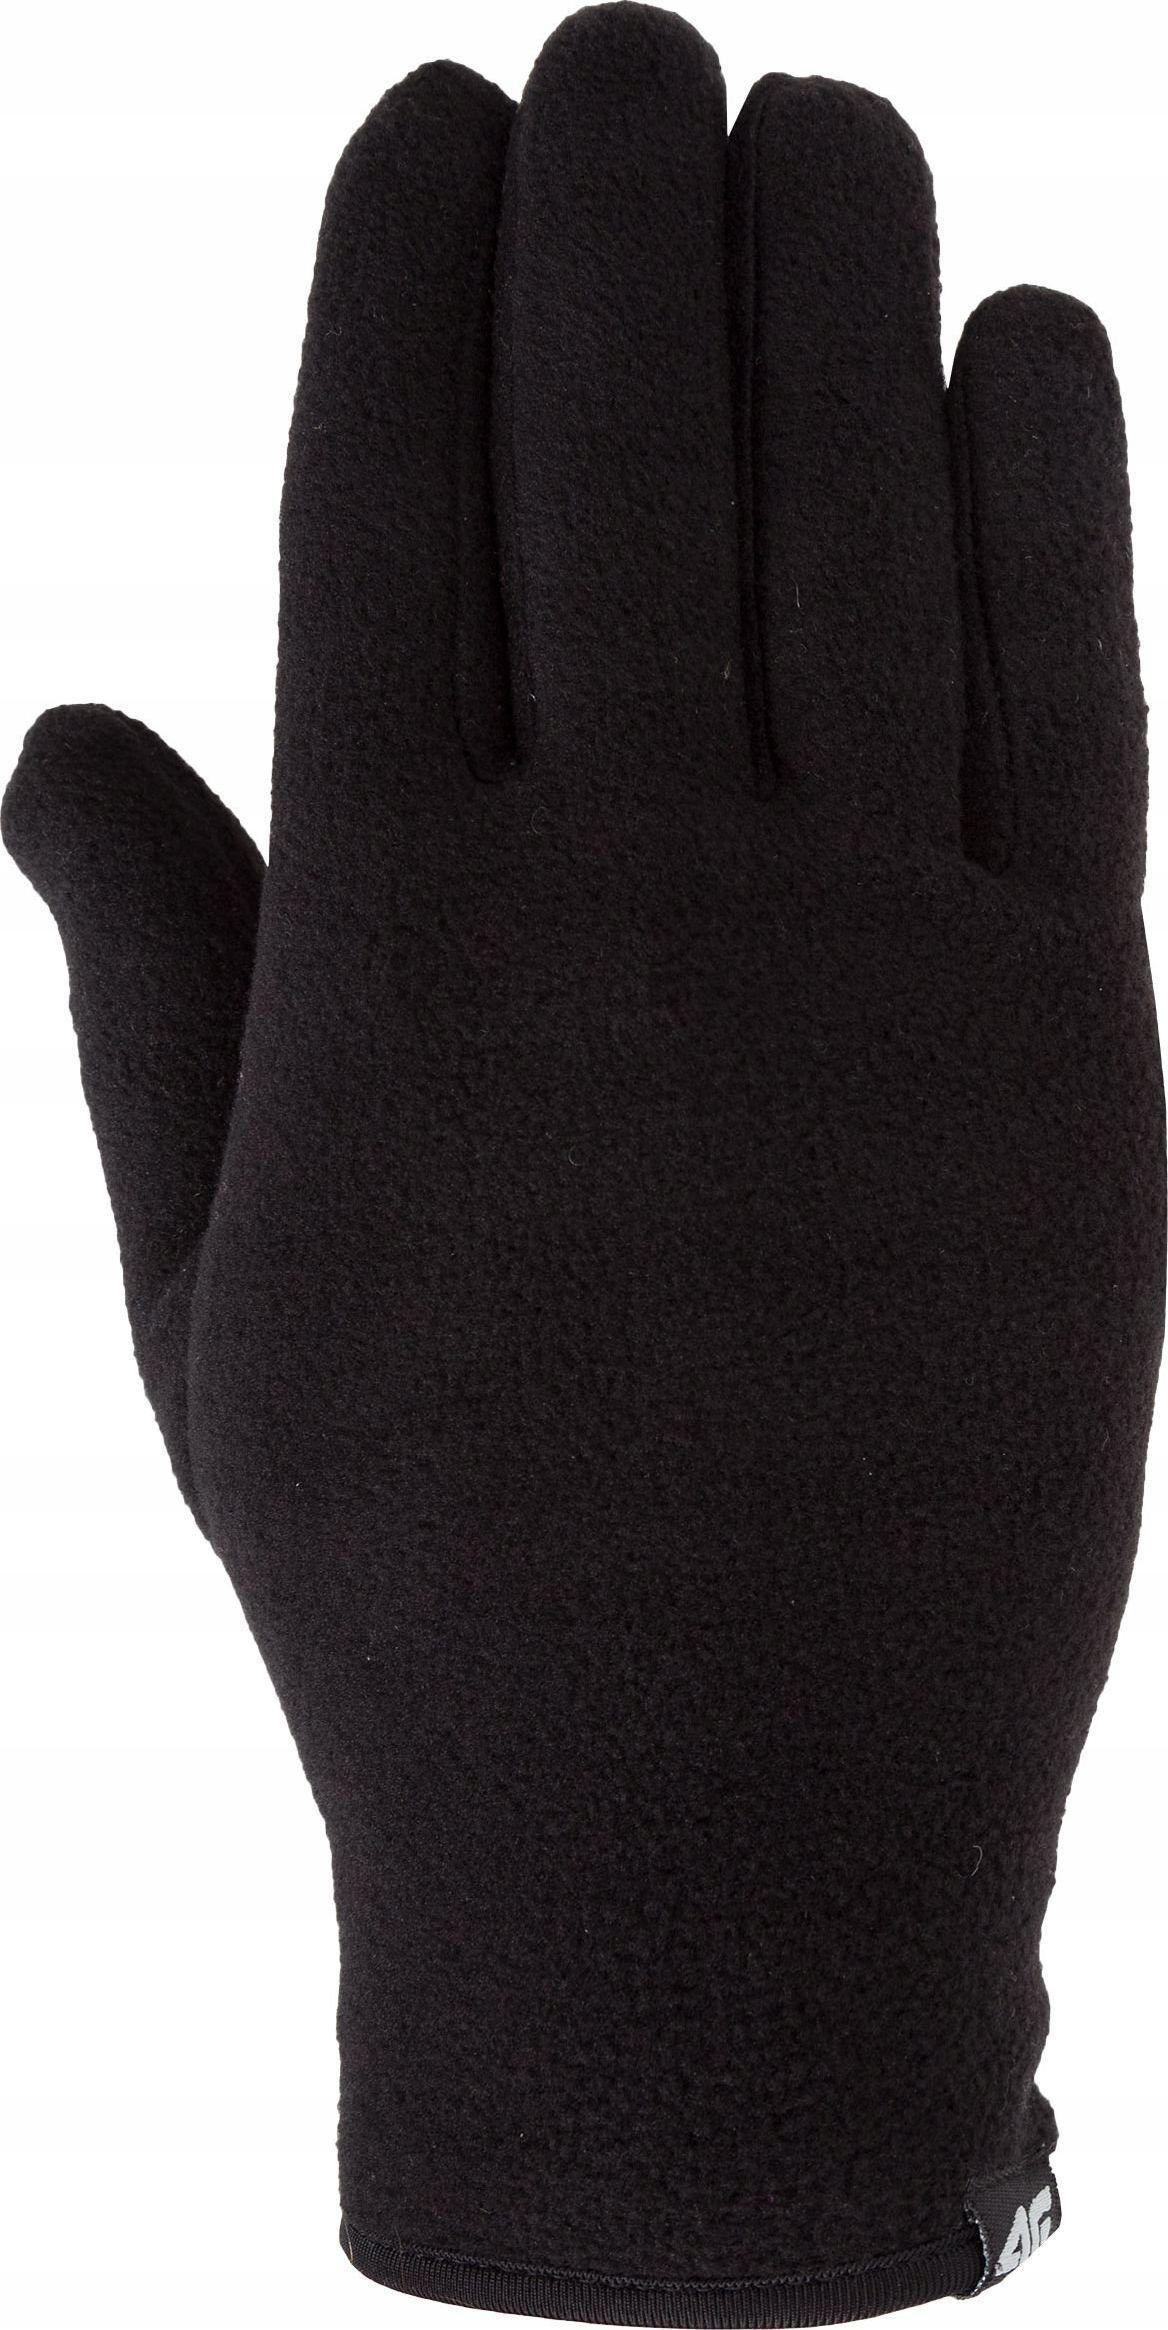 4f Rękawiczki unixex H4-REU001 r. S